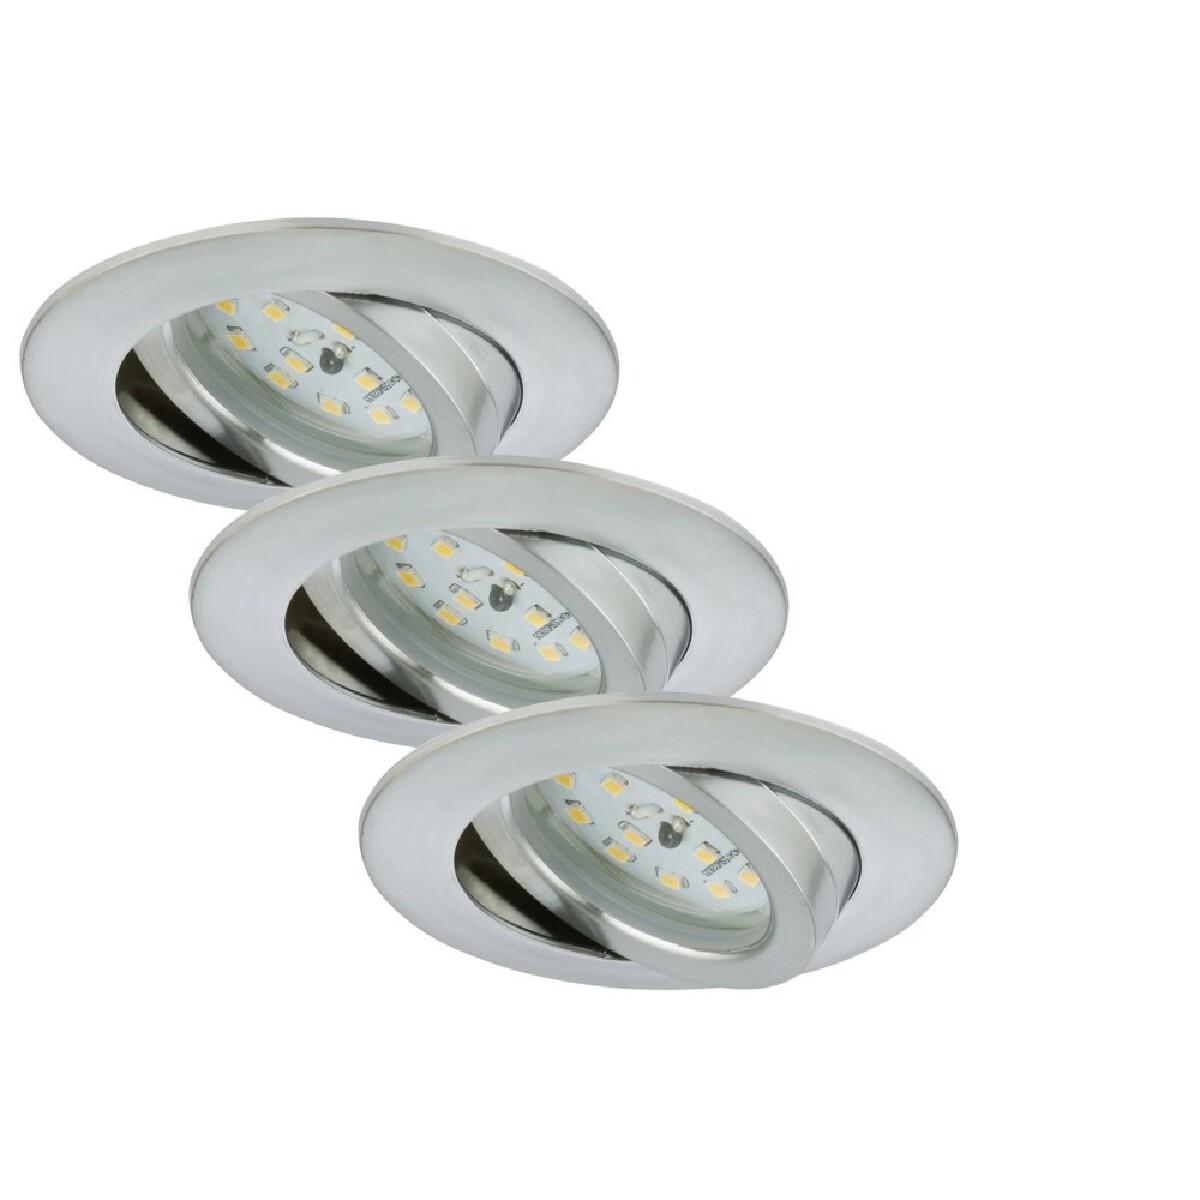 Briloner Leuchten Set 3 Spot Encastrables LED Orientable BRILONER Module 5,5W 470lm dimmable Ip23 Aluminium